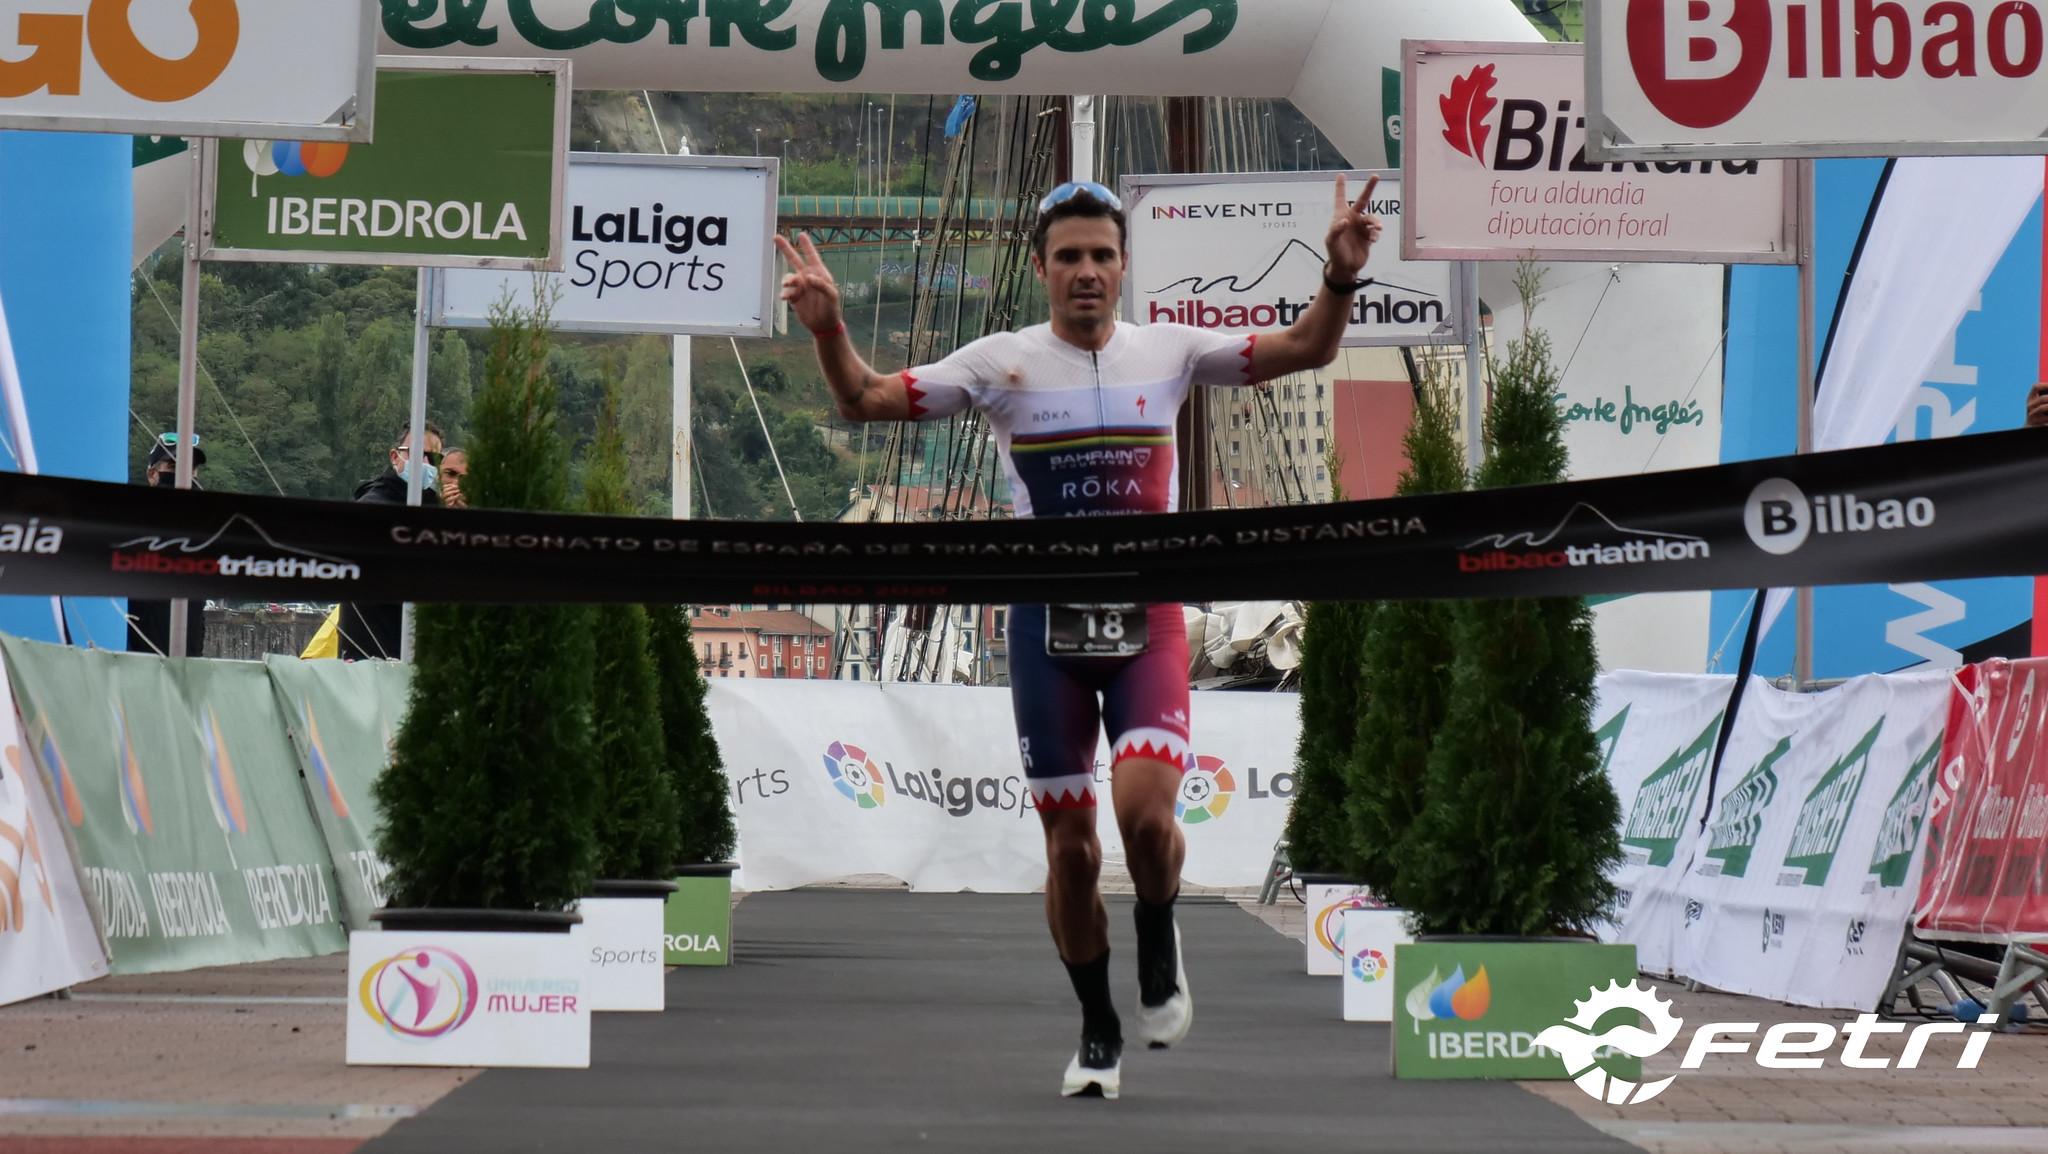 Bilbao Triathlon, Campeonato de España de Triatlón MD 2021, abre inscripciones